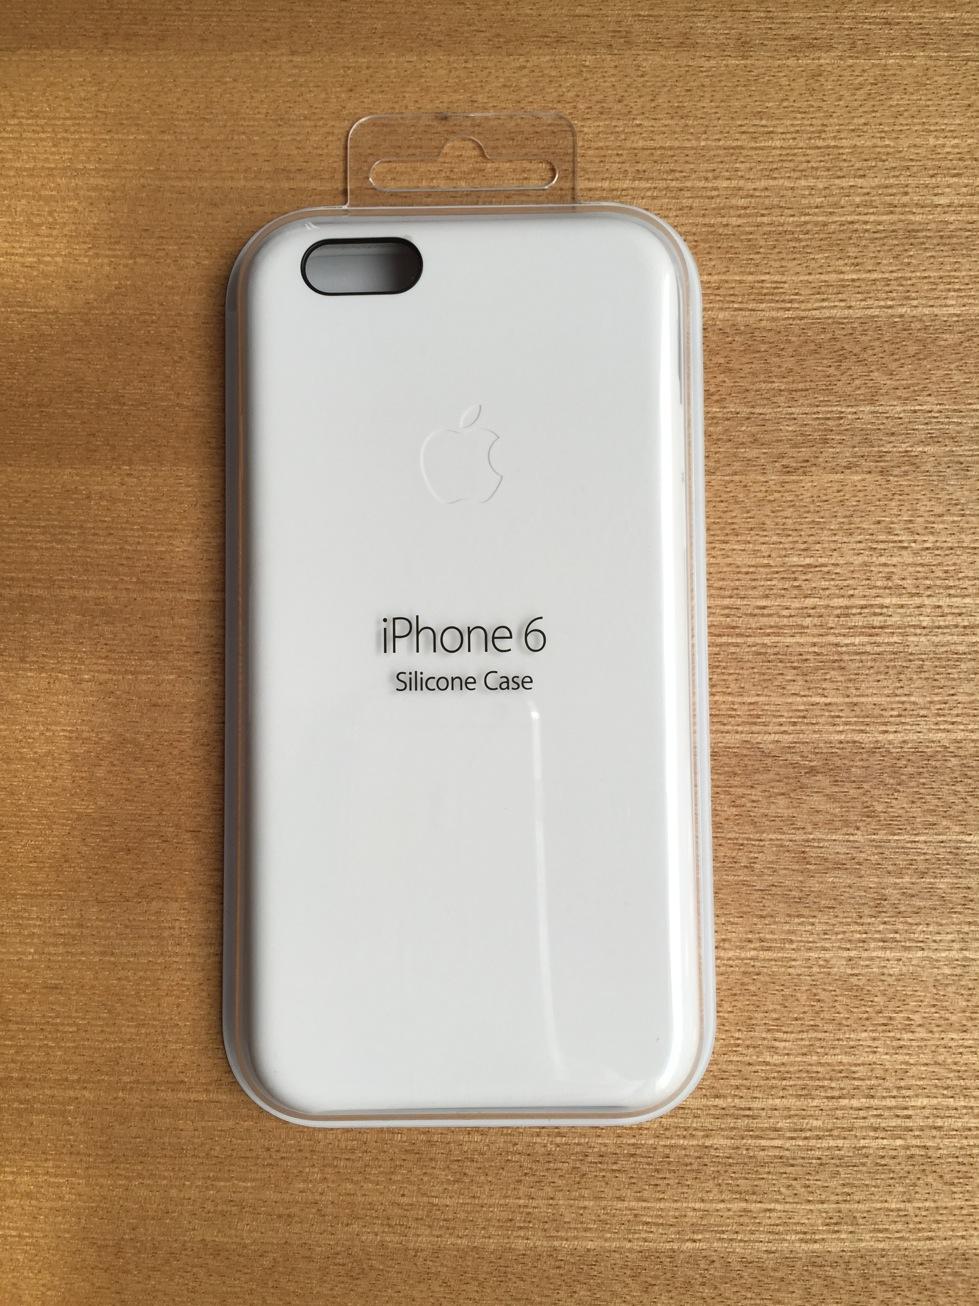 iPhone6純正シリコンケース(白)の外観やサイズ、使ってみて思ったことなど